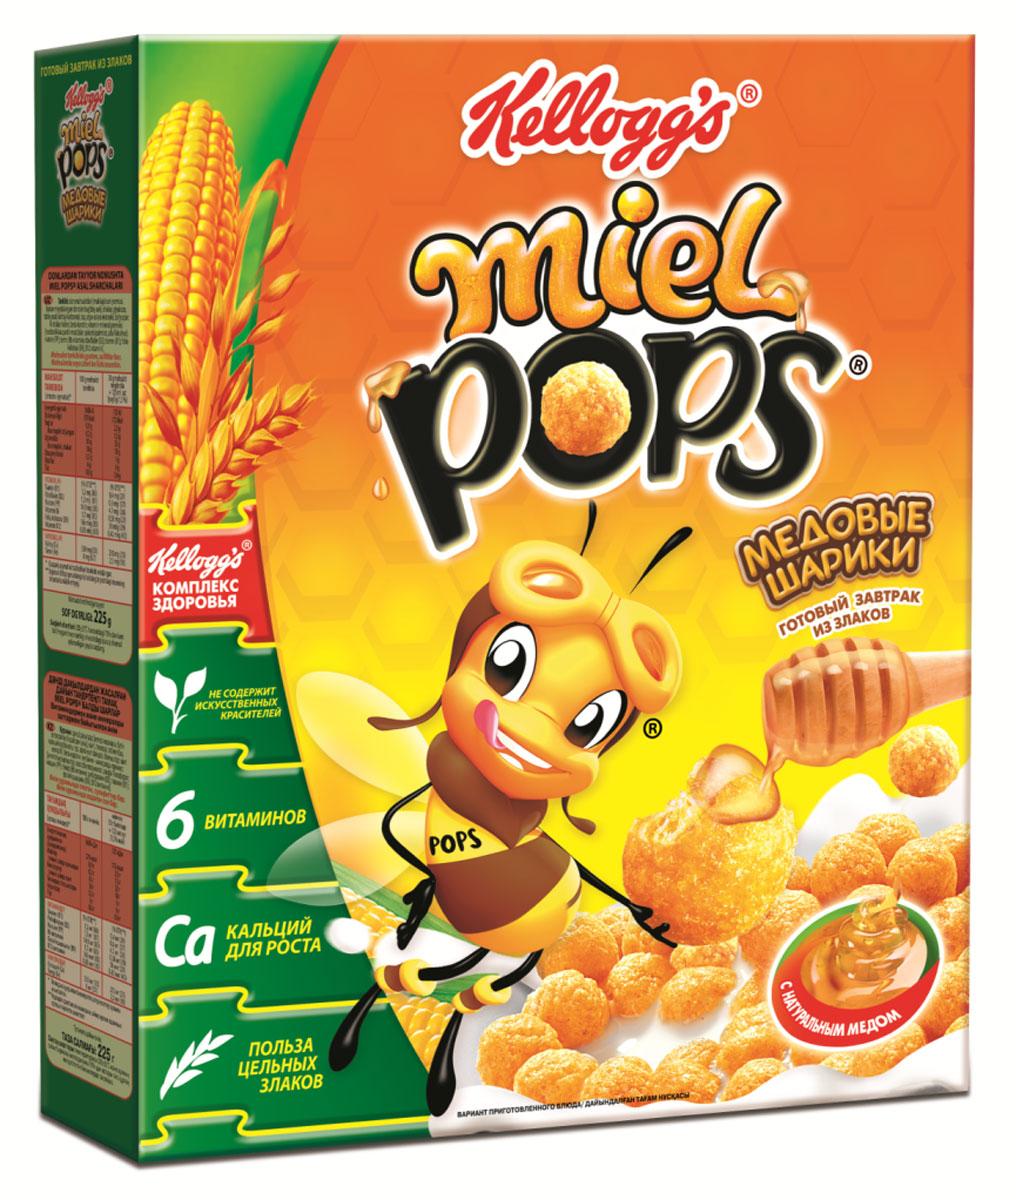 Miel Pops Готовый завтрак Медовые шарики, 225 г0120710Полезный завтрак из цельных злаков с натуральным медом, вкусное начало дня.